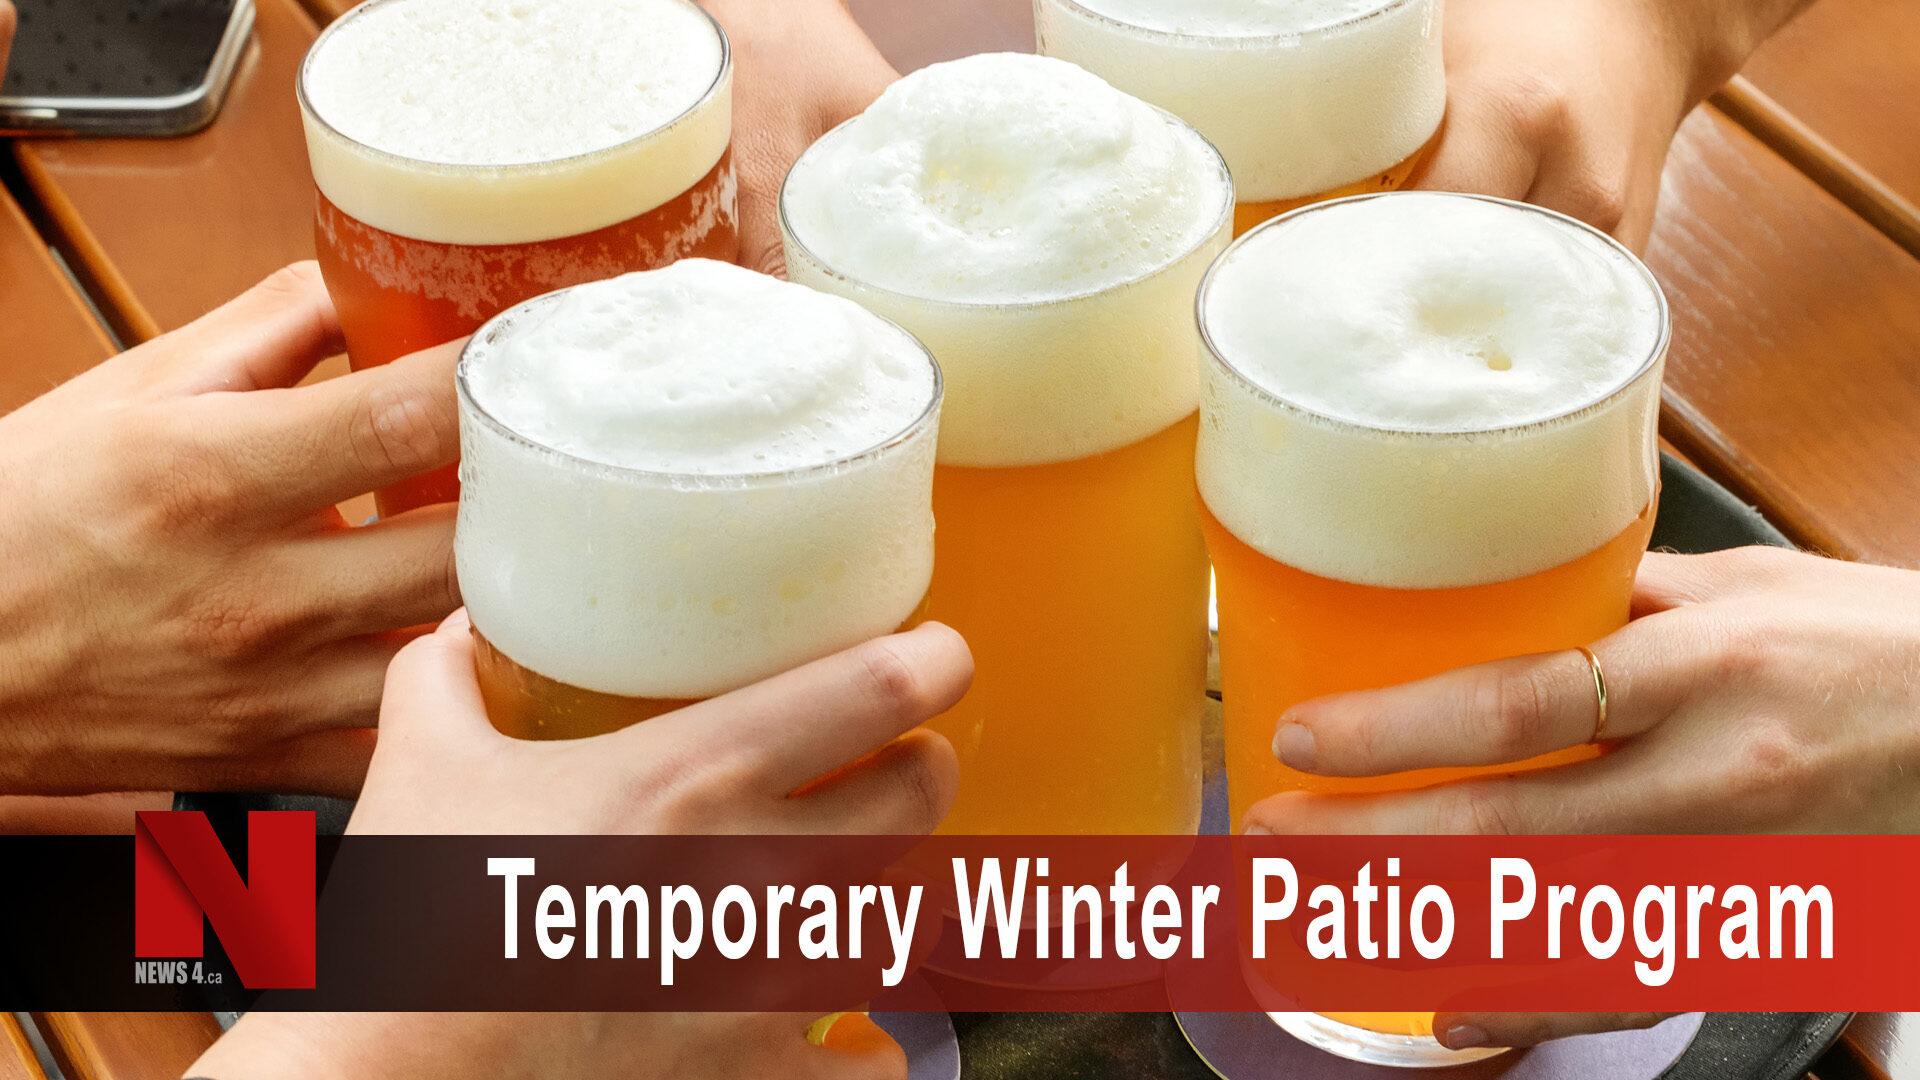 Temporary Patio Program